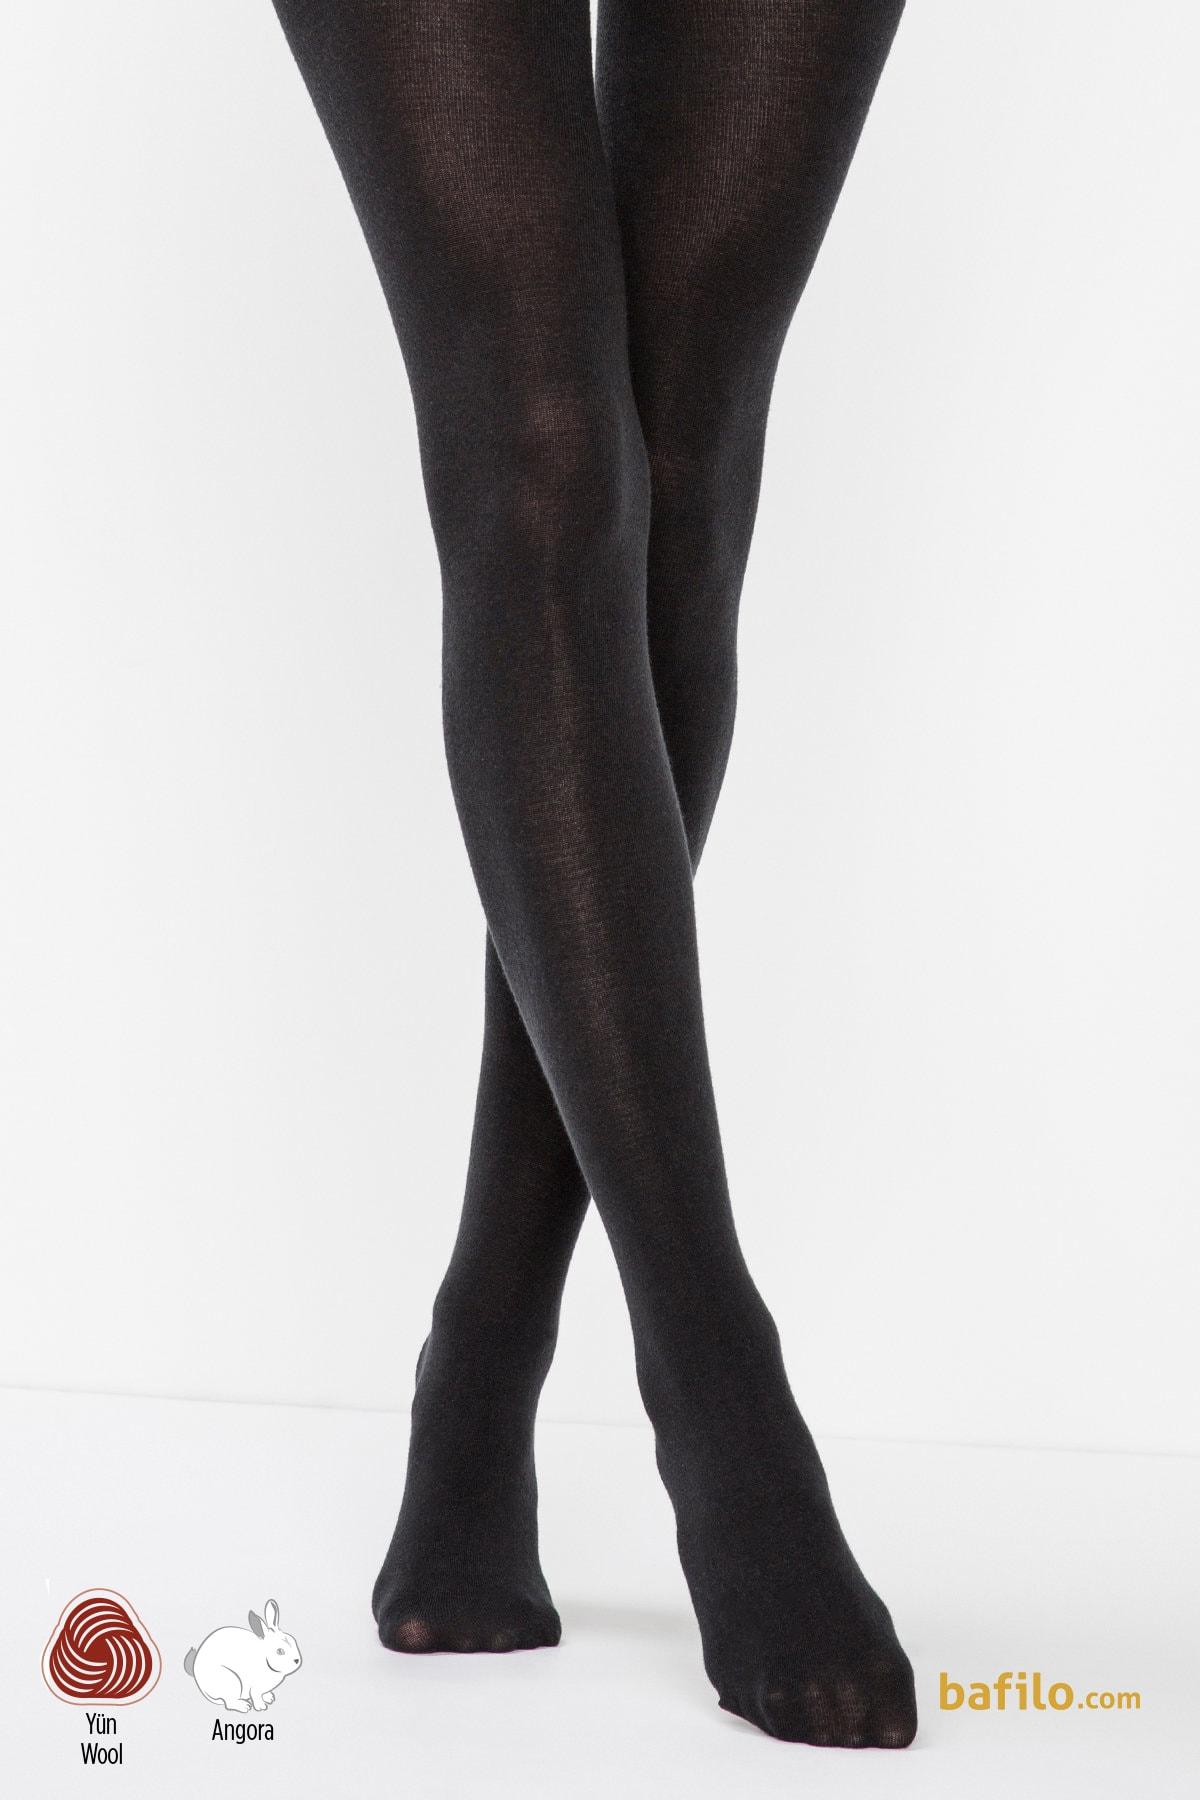 پنتی | Penti - جوراب شلواری پشم خرگوش زنانه پنتی Angora مشکی